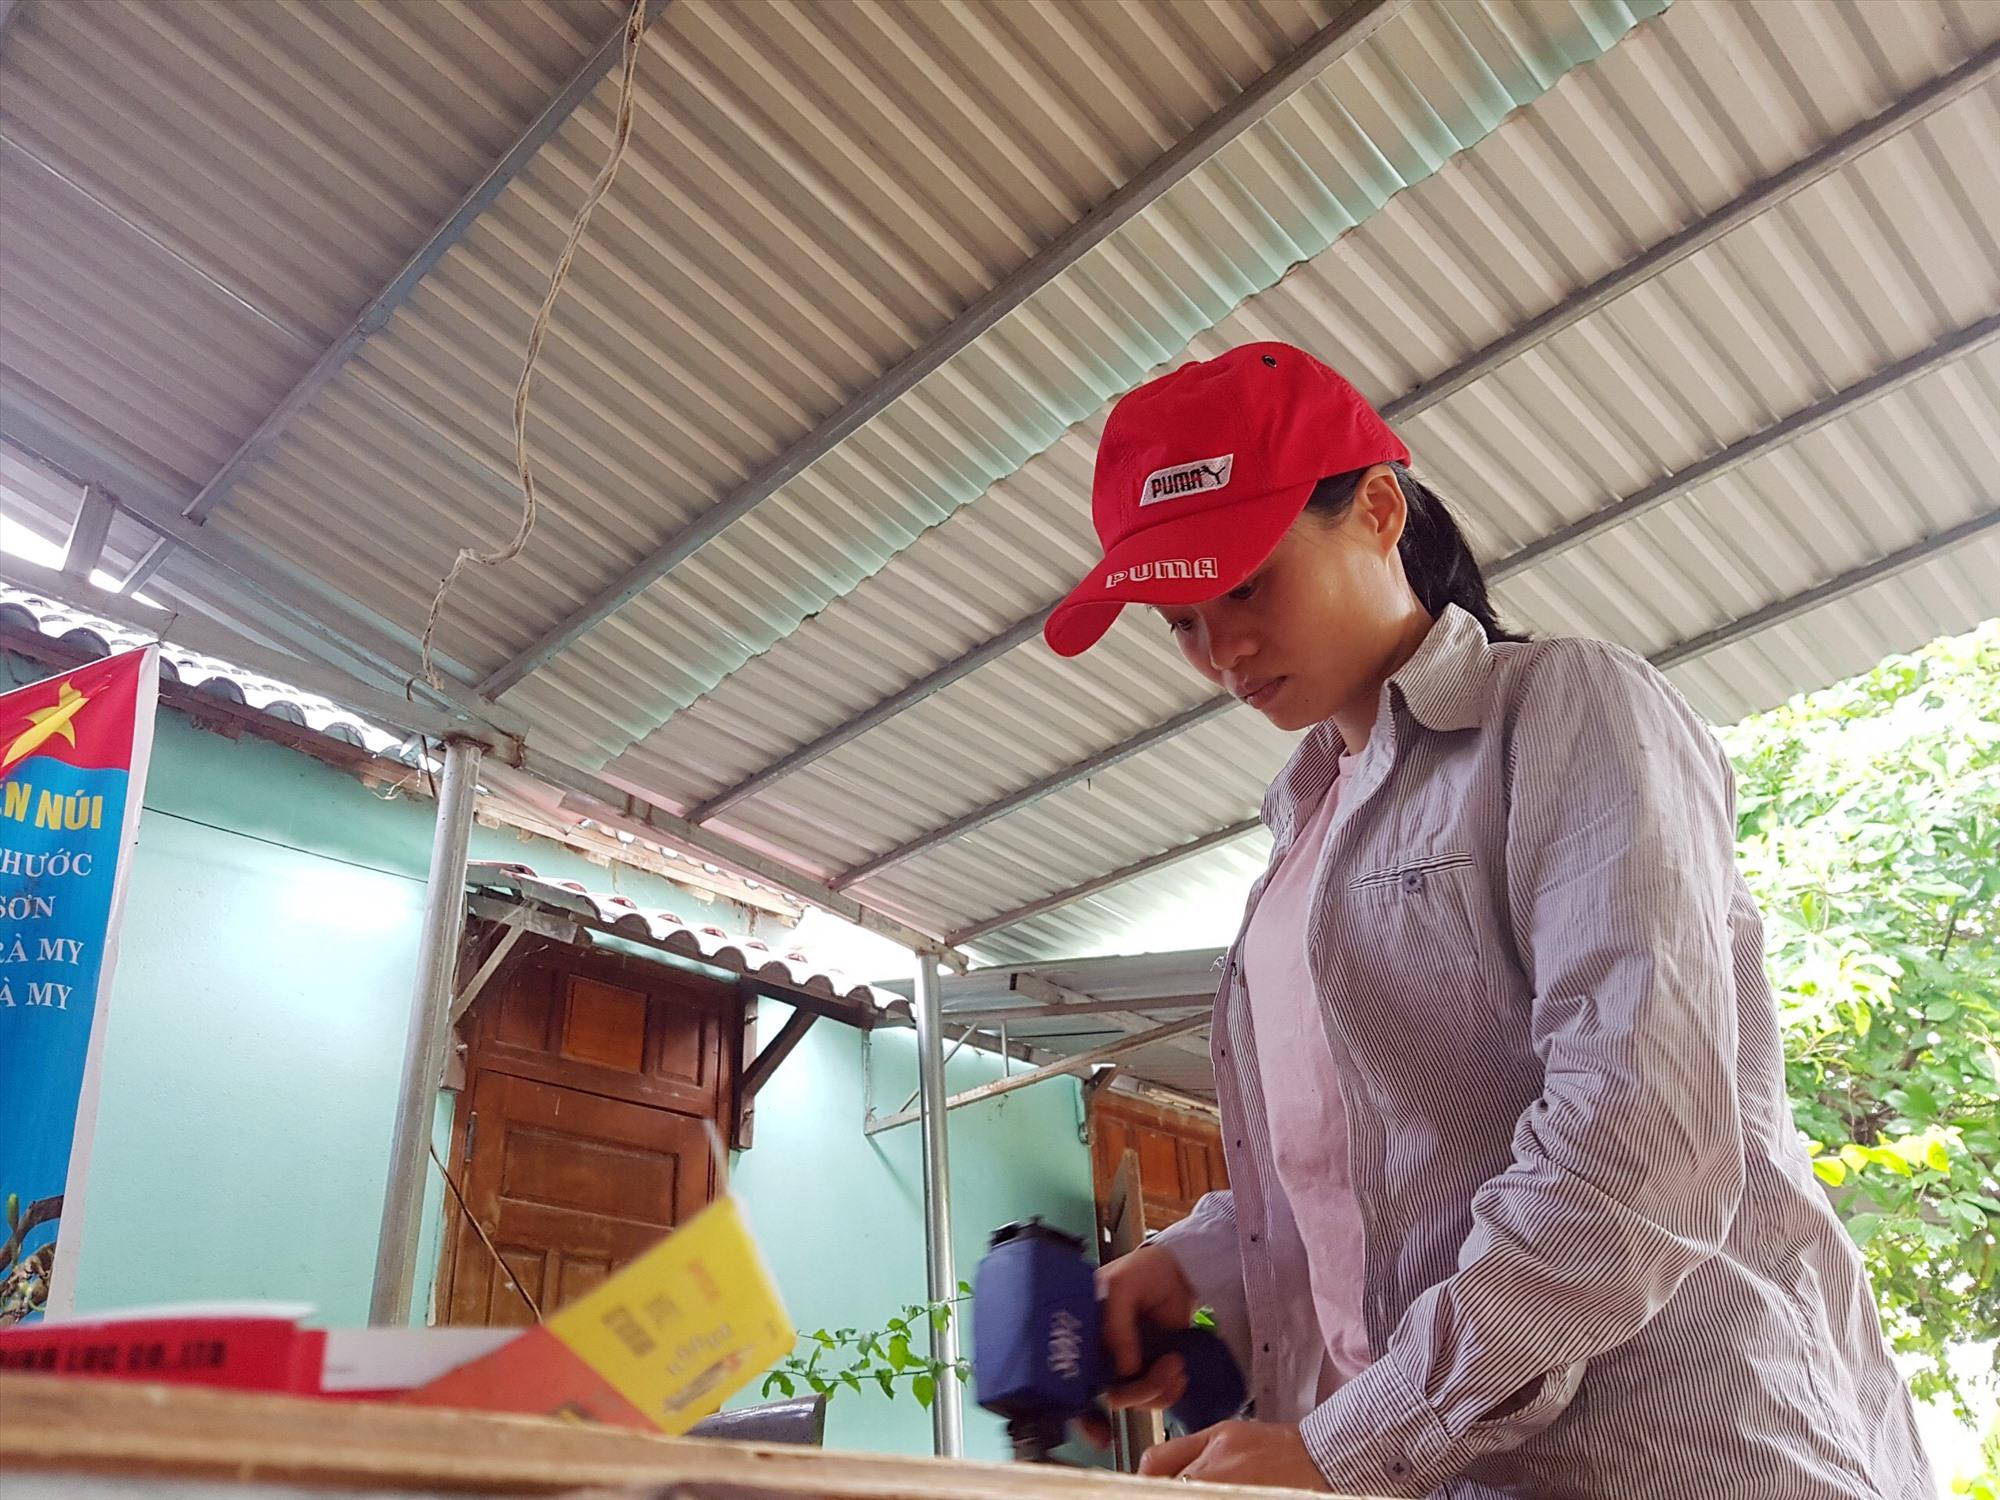 Những lúc rảnh rỗi, chị Ngô Thị Sương là một lao động chính tại cơ sở sản xuất giỏ hoa, đôn hoa Mỹ Thạnh. Ảnh: A.Đ